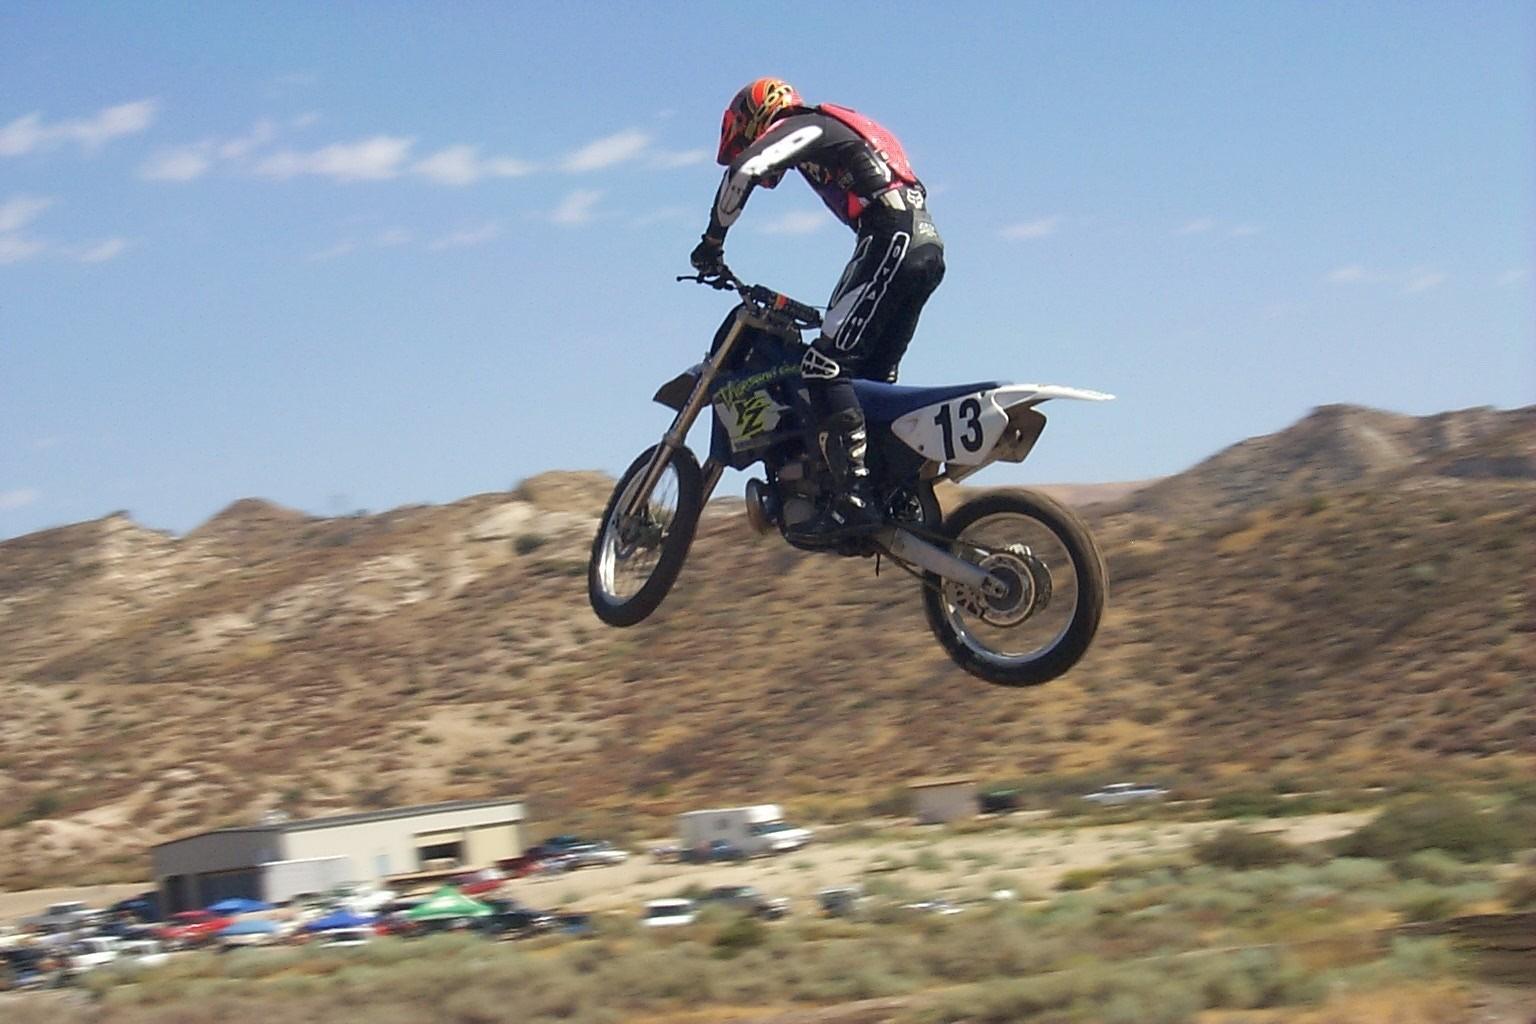 P13-6342 - MXR2NV - Motocross Pictures - Vital MX